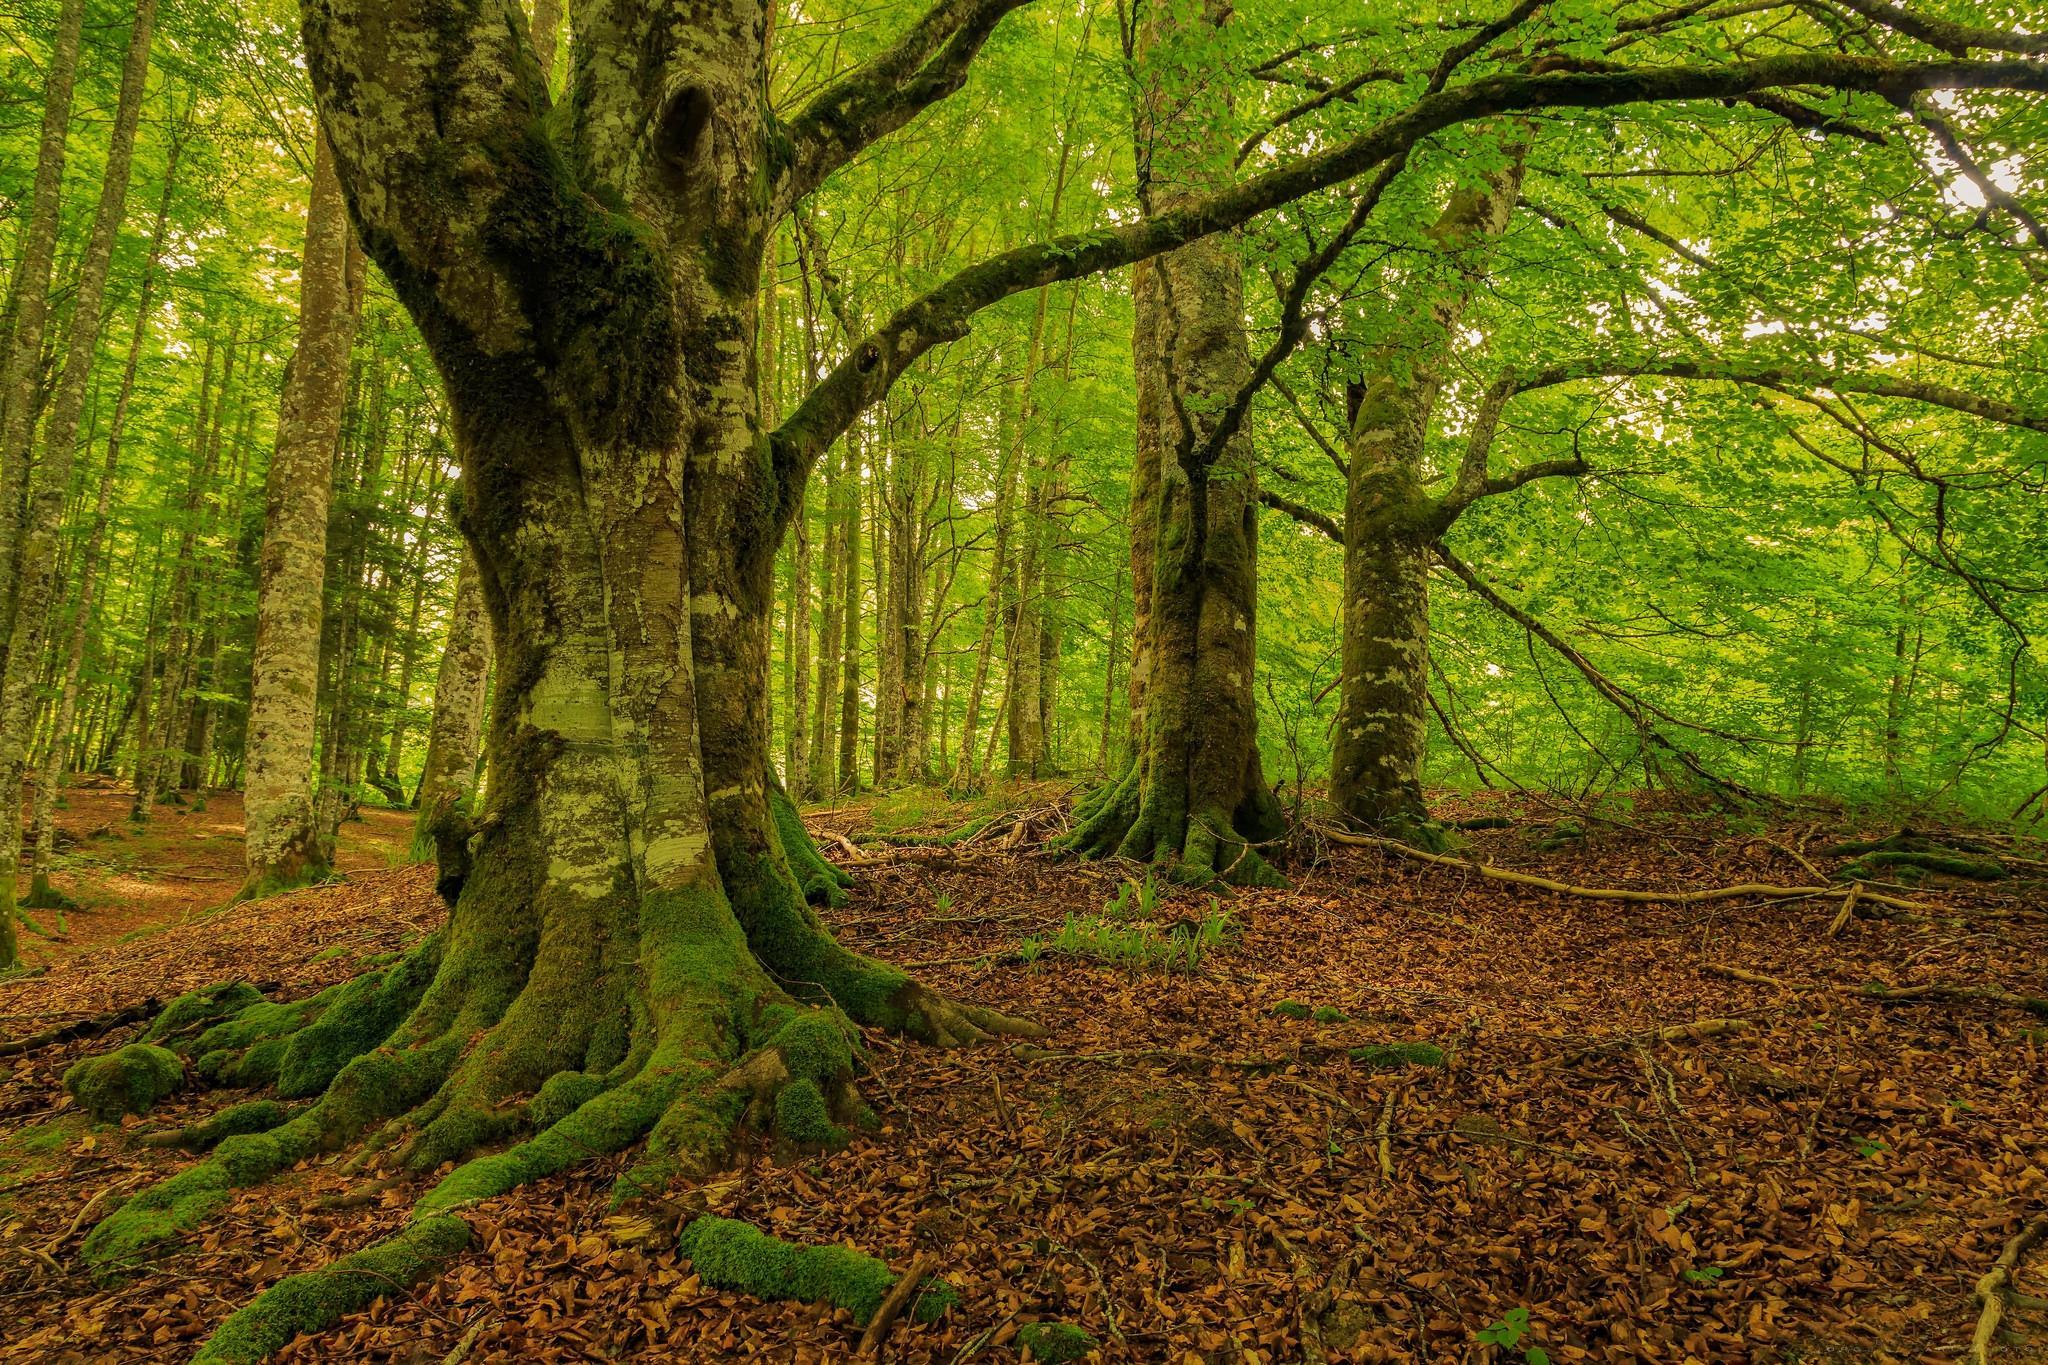 вместе елочка-красавица картинка про деревьев вблизи своем участке клубневые